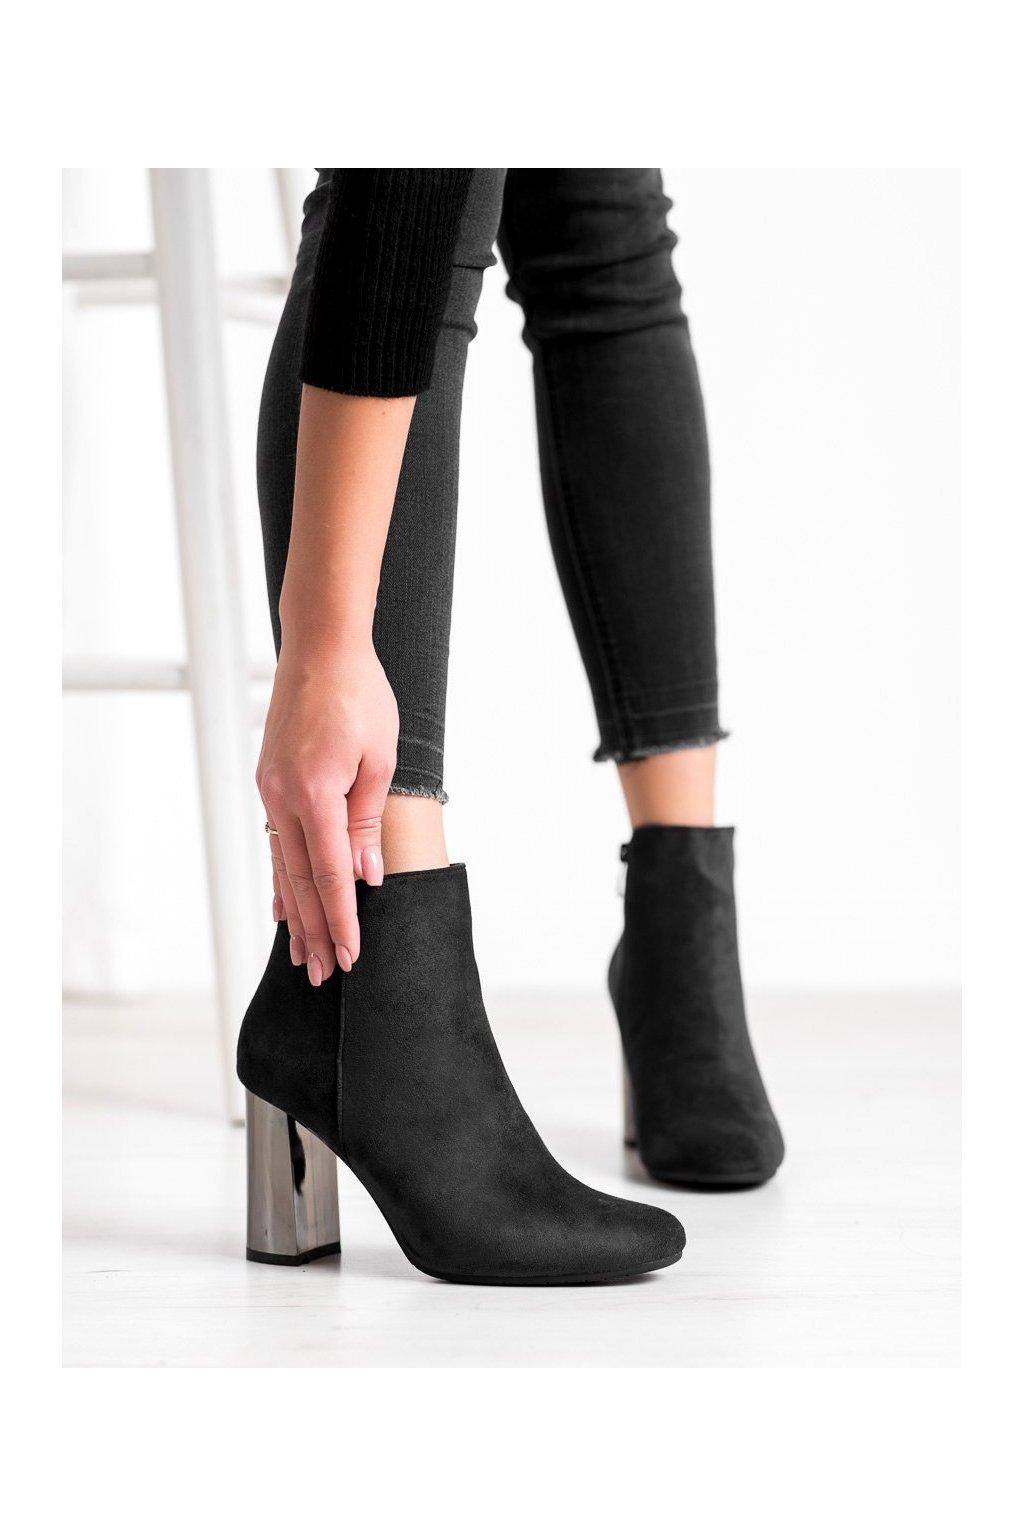 Čierne dámske topánky Janessa kod KL-705B